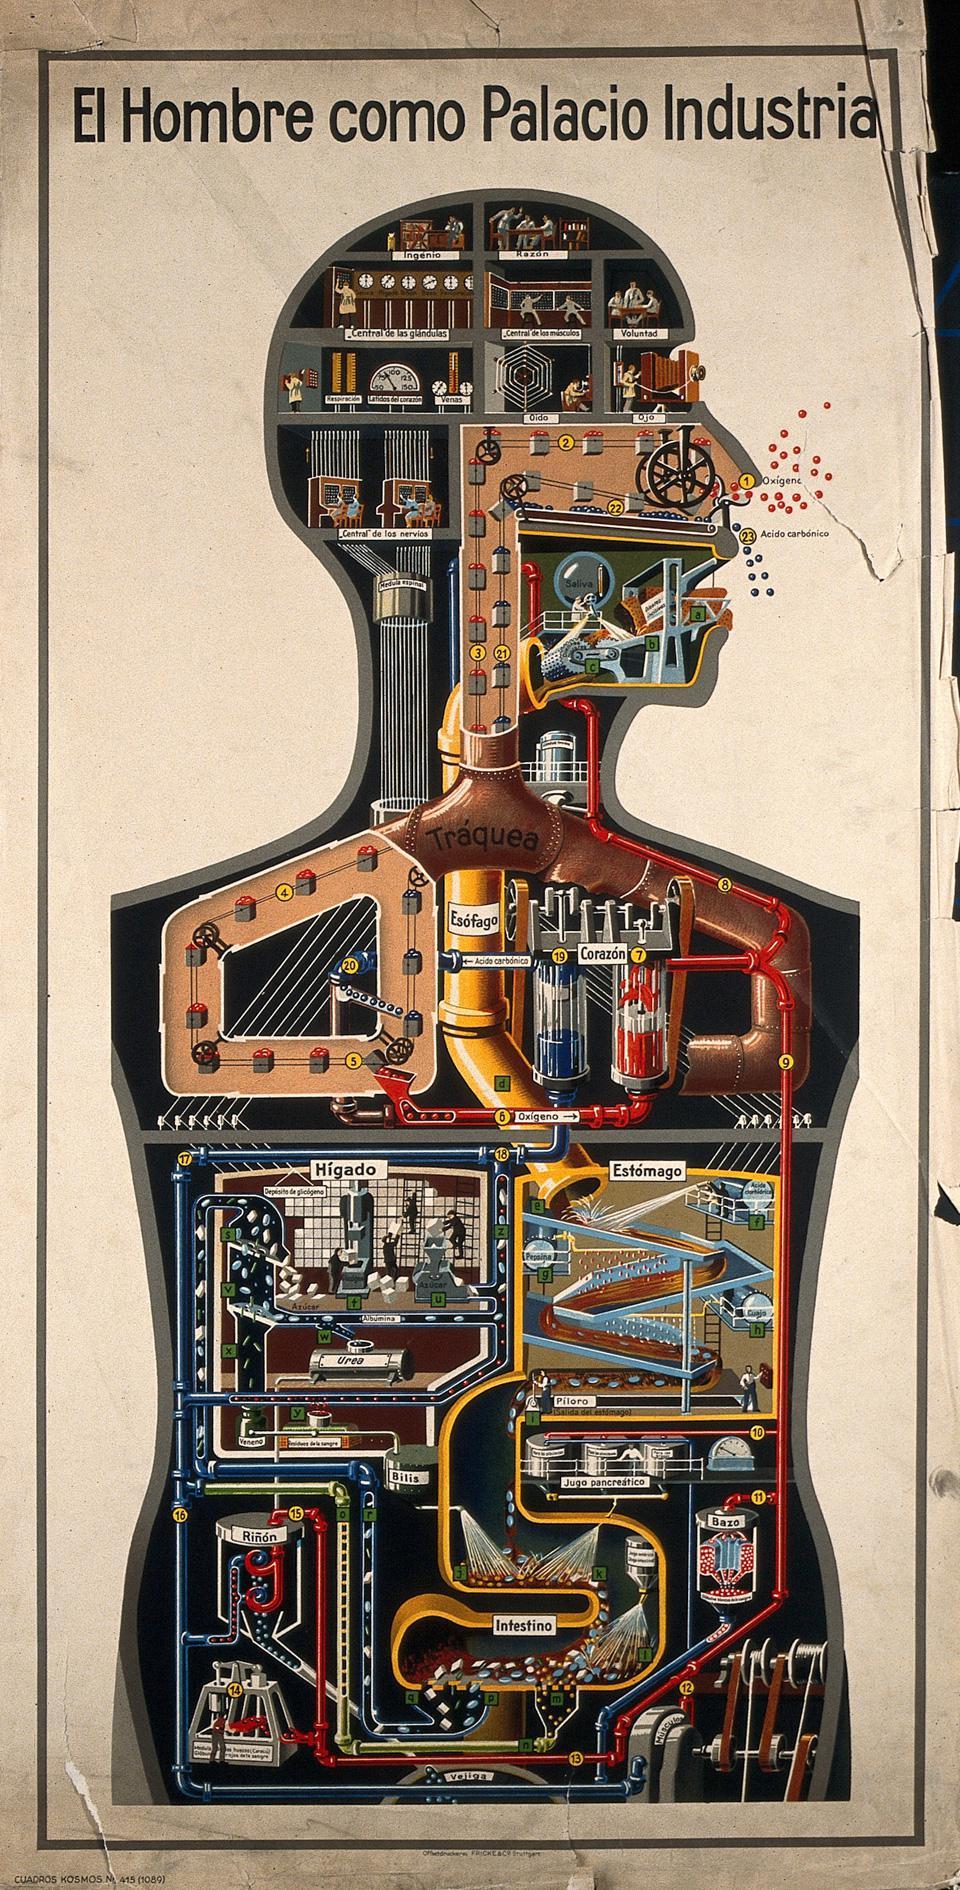 El hombre como palacio industrial -Fritz Kahn, 1930